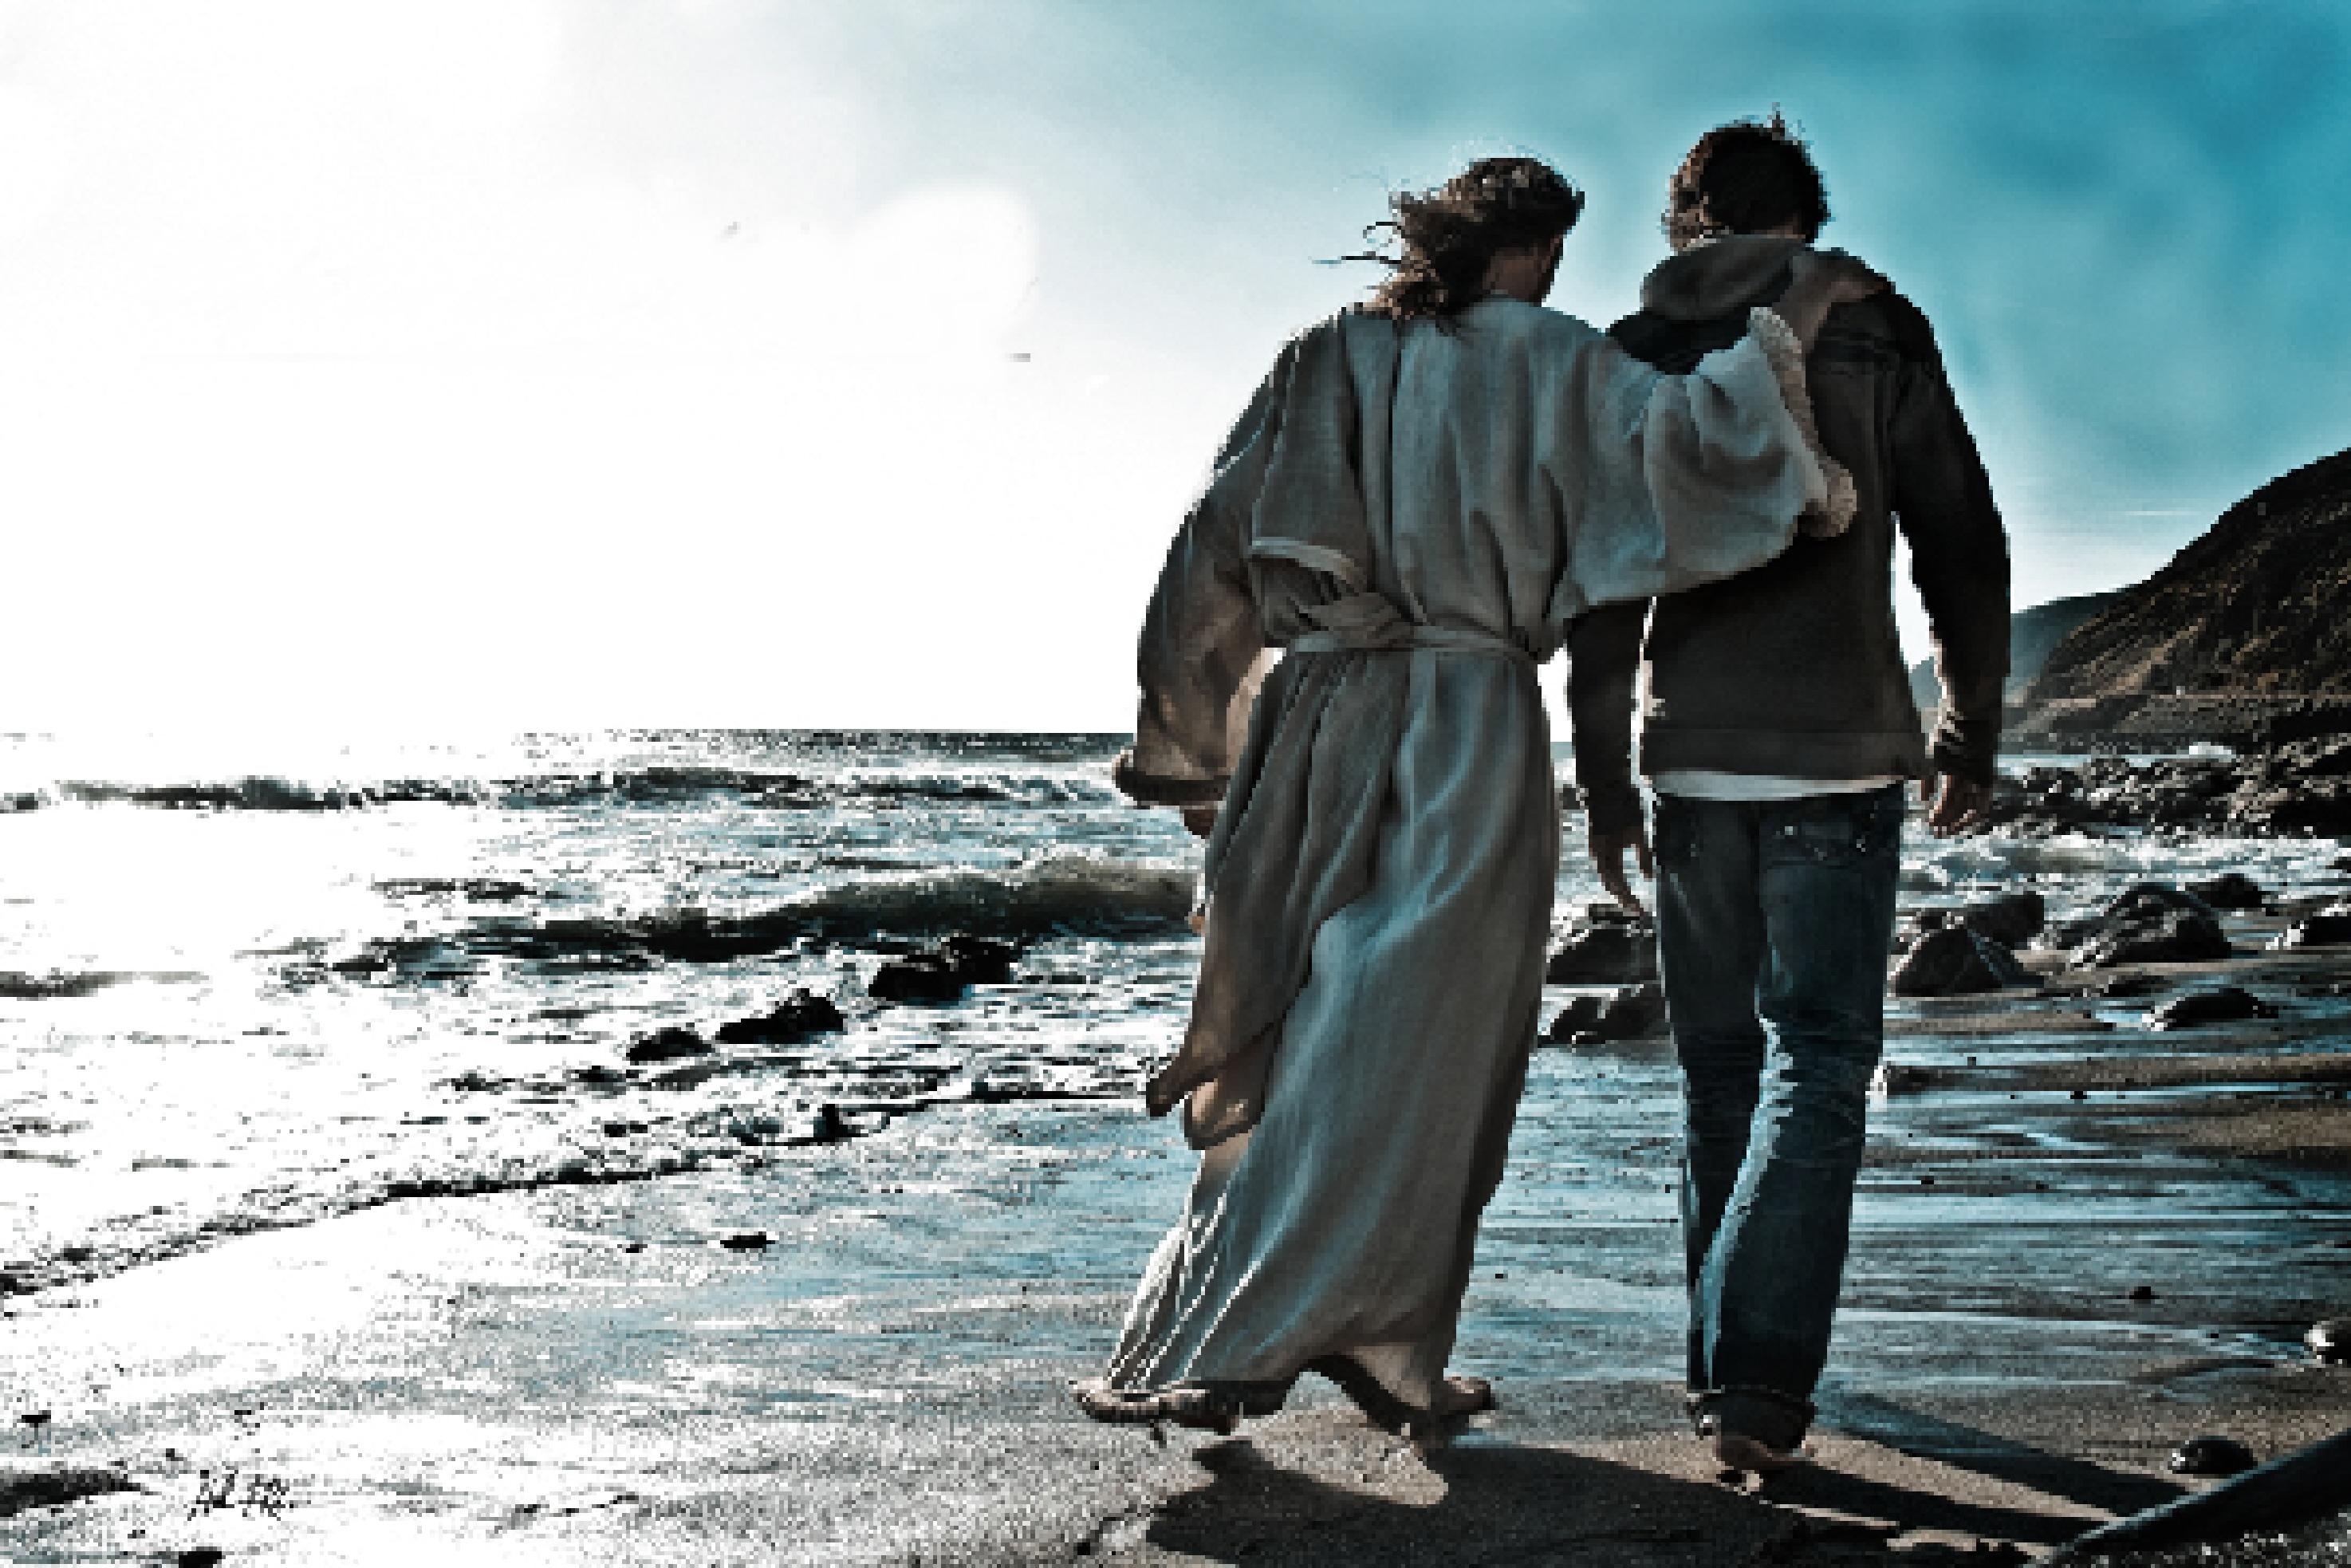 Kakav prijatelj je Isus, naše boli nosi on….. | Dnevno.hrDnevno.hr